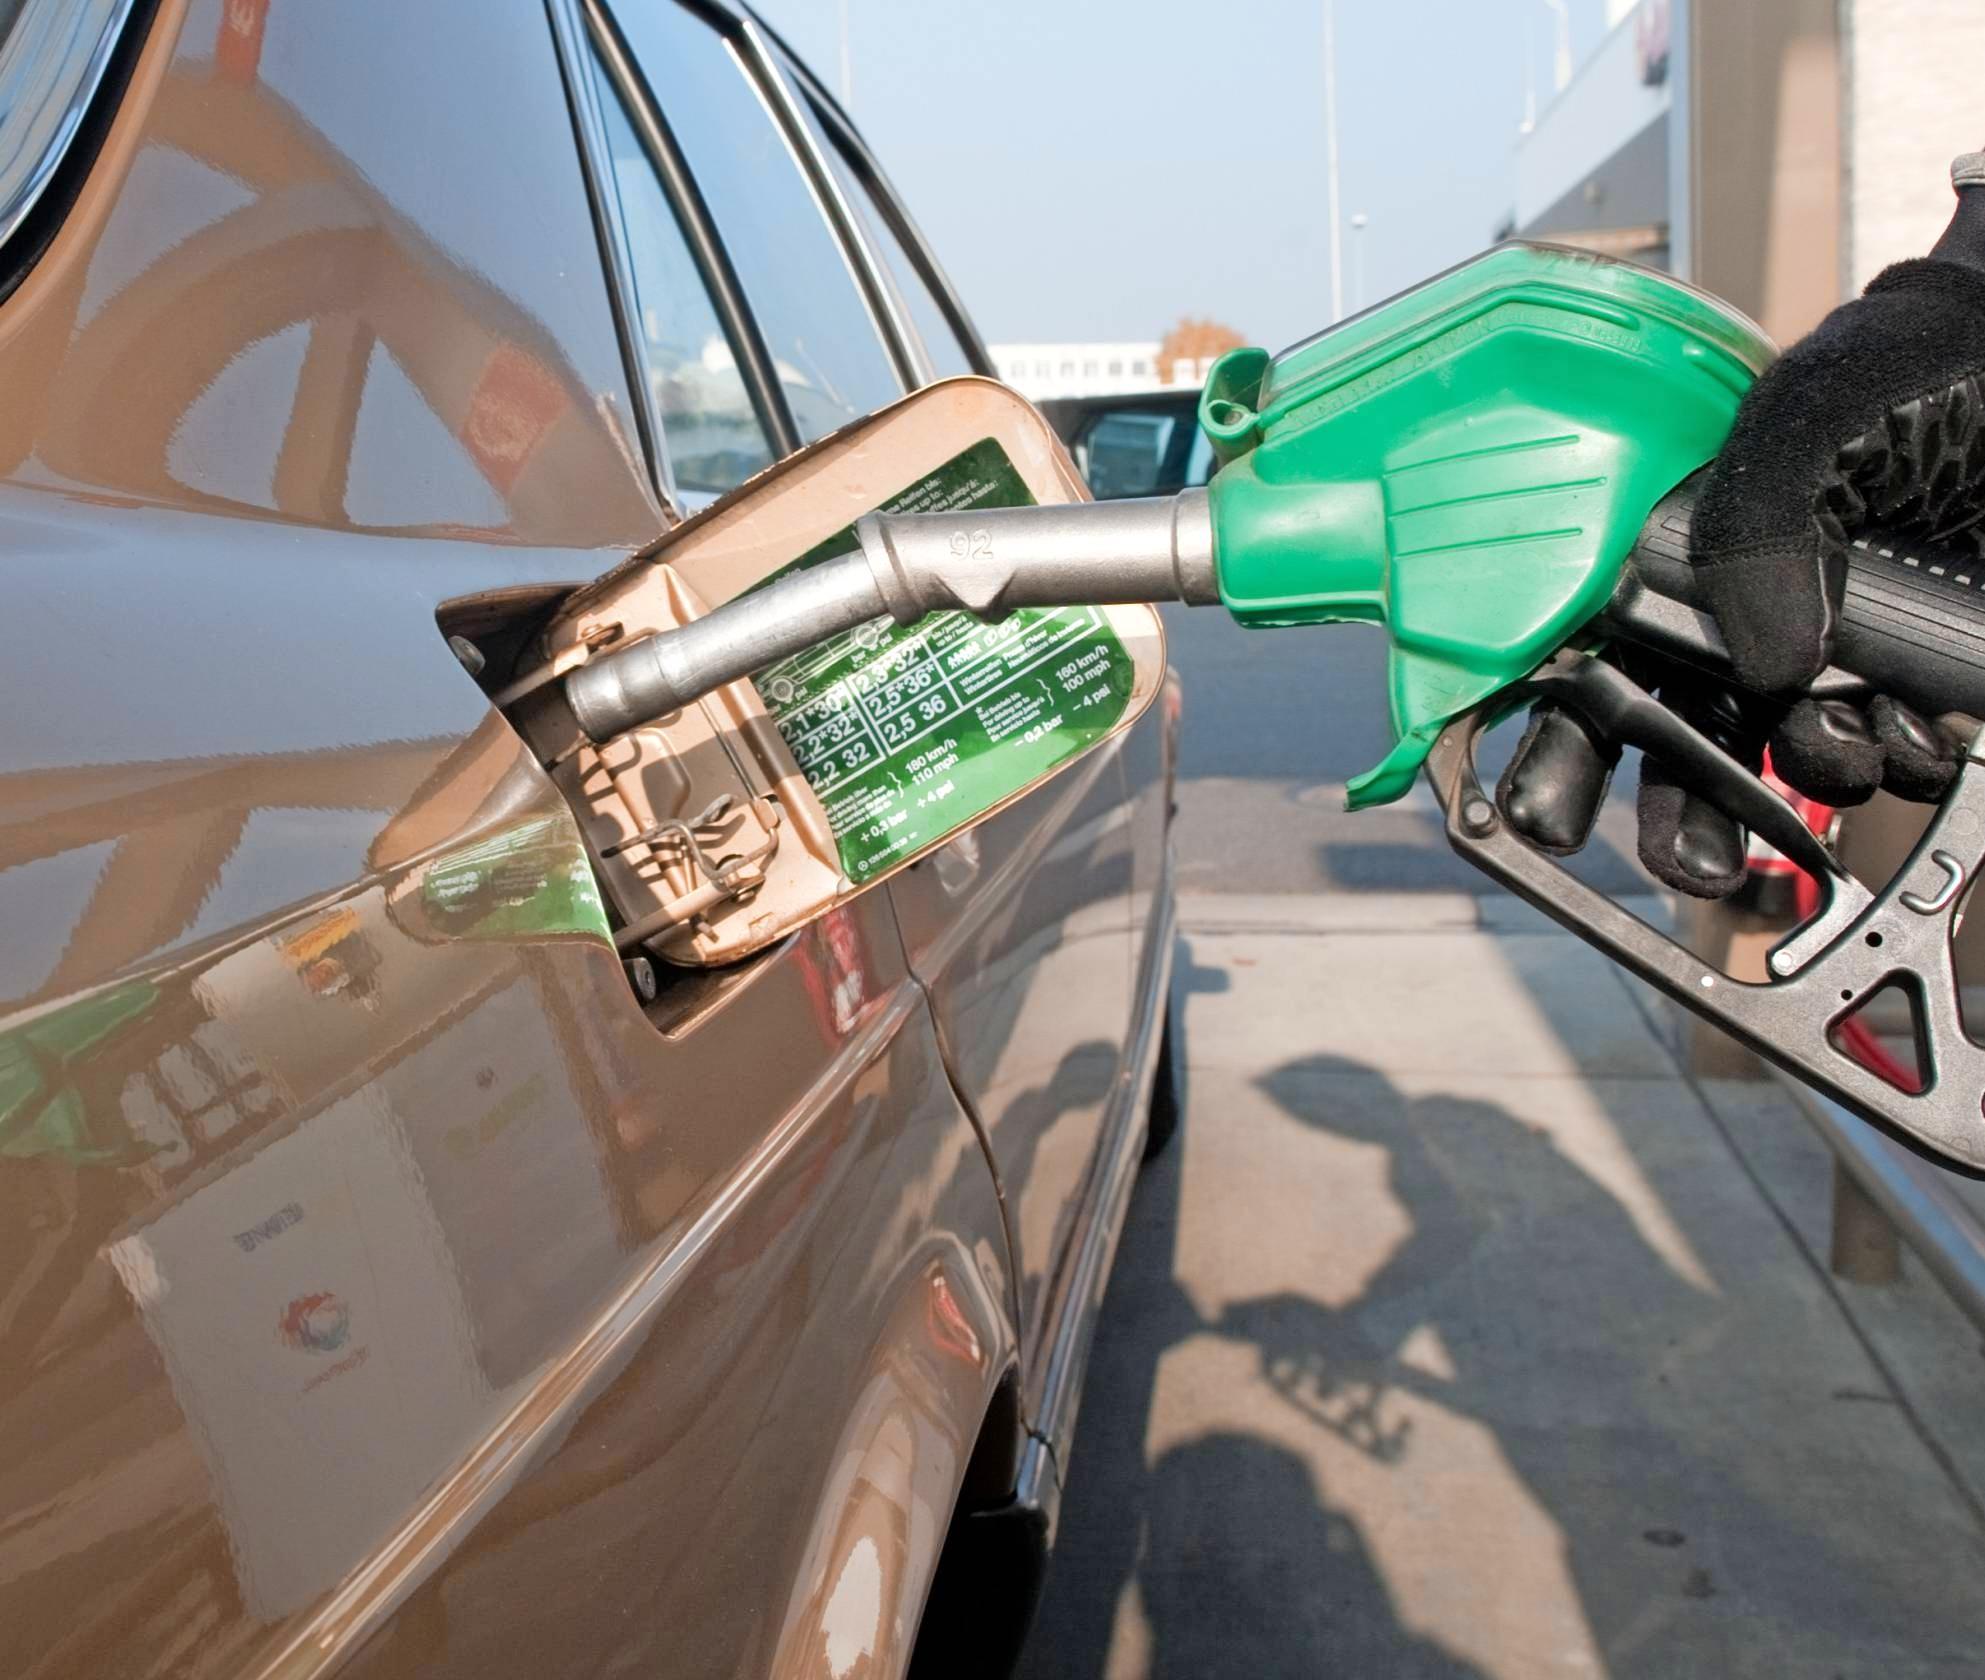 Tankstellen, Autohäuser und Fahrradhändler tragen dazu bei, auch in Zeiten von Corona ein Mindestmaß an Mobilität aufrecht zu erhalten. Foto: dpa